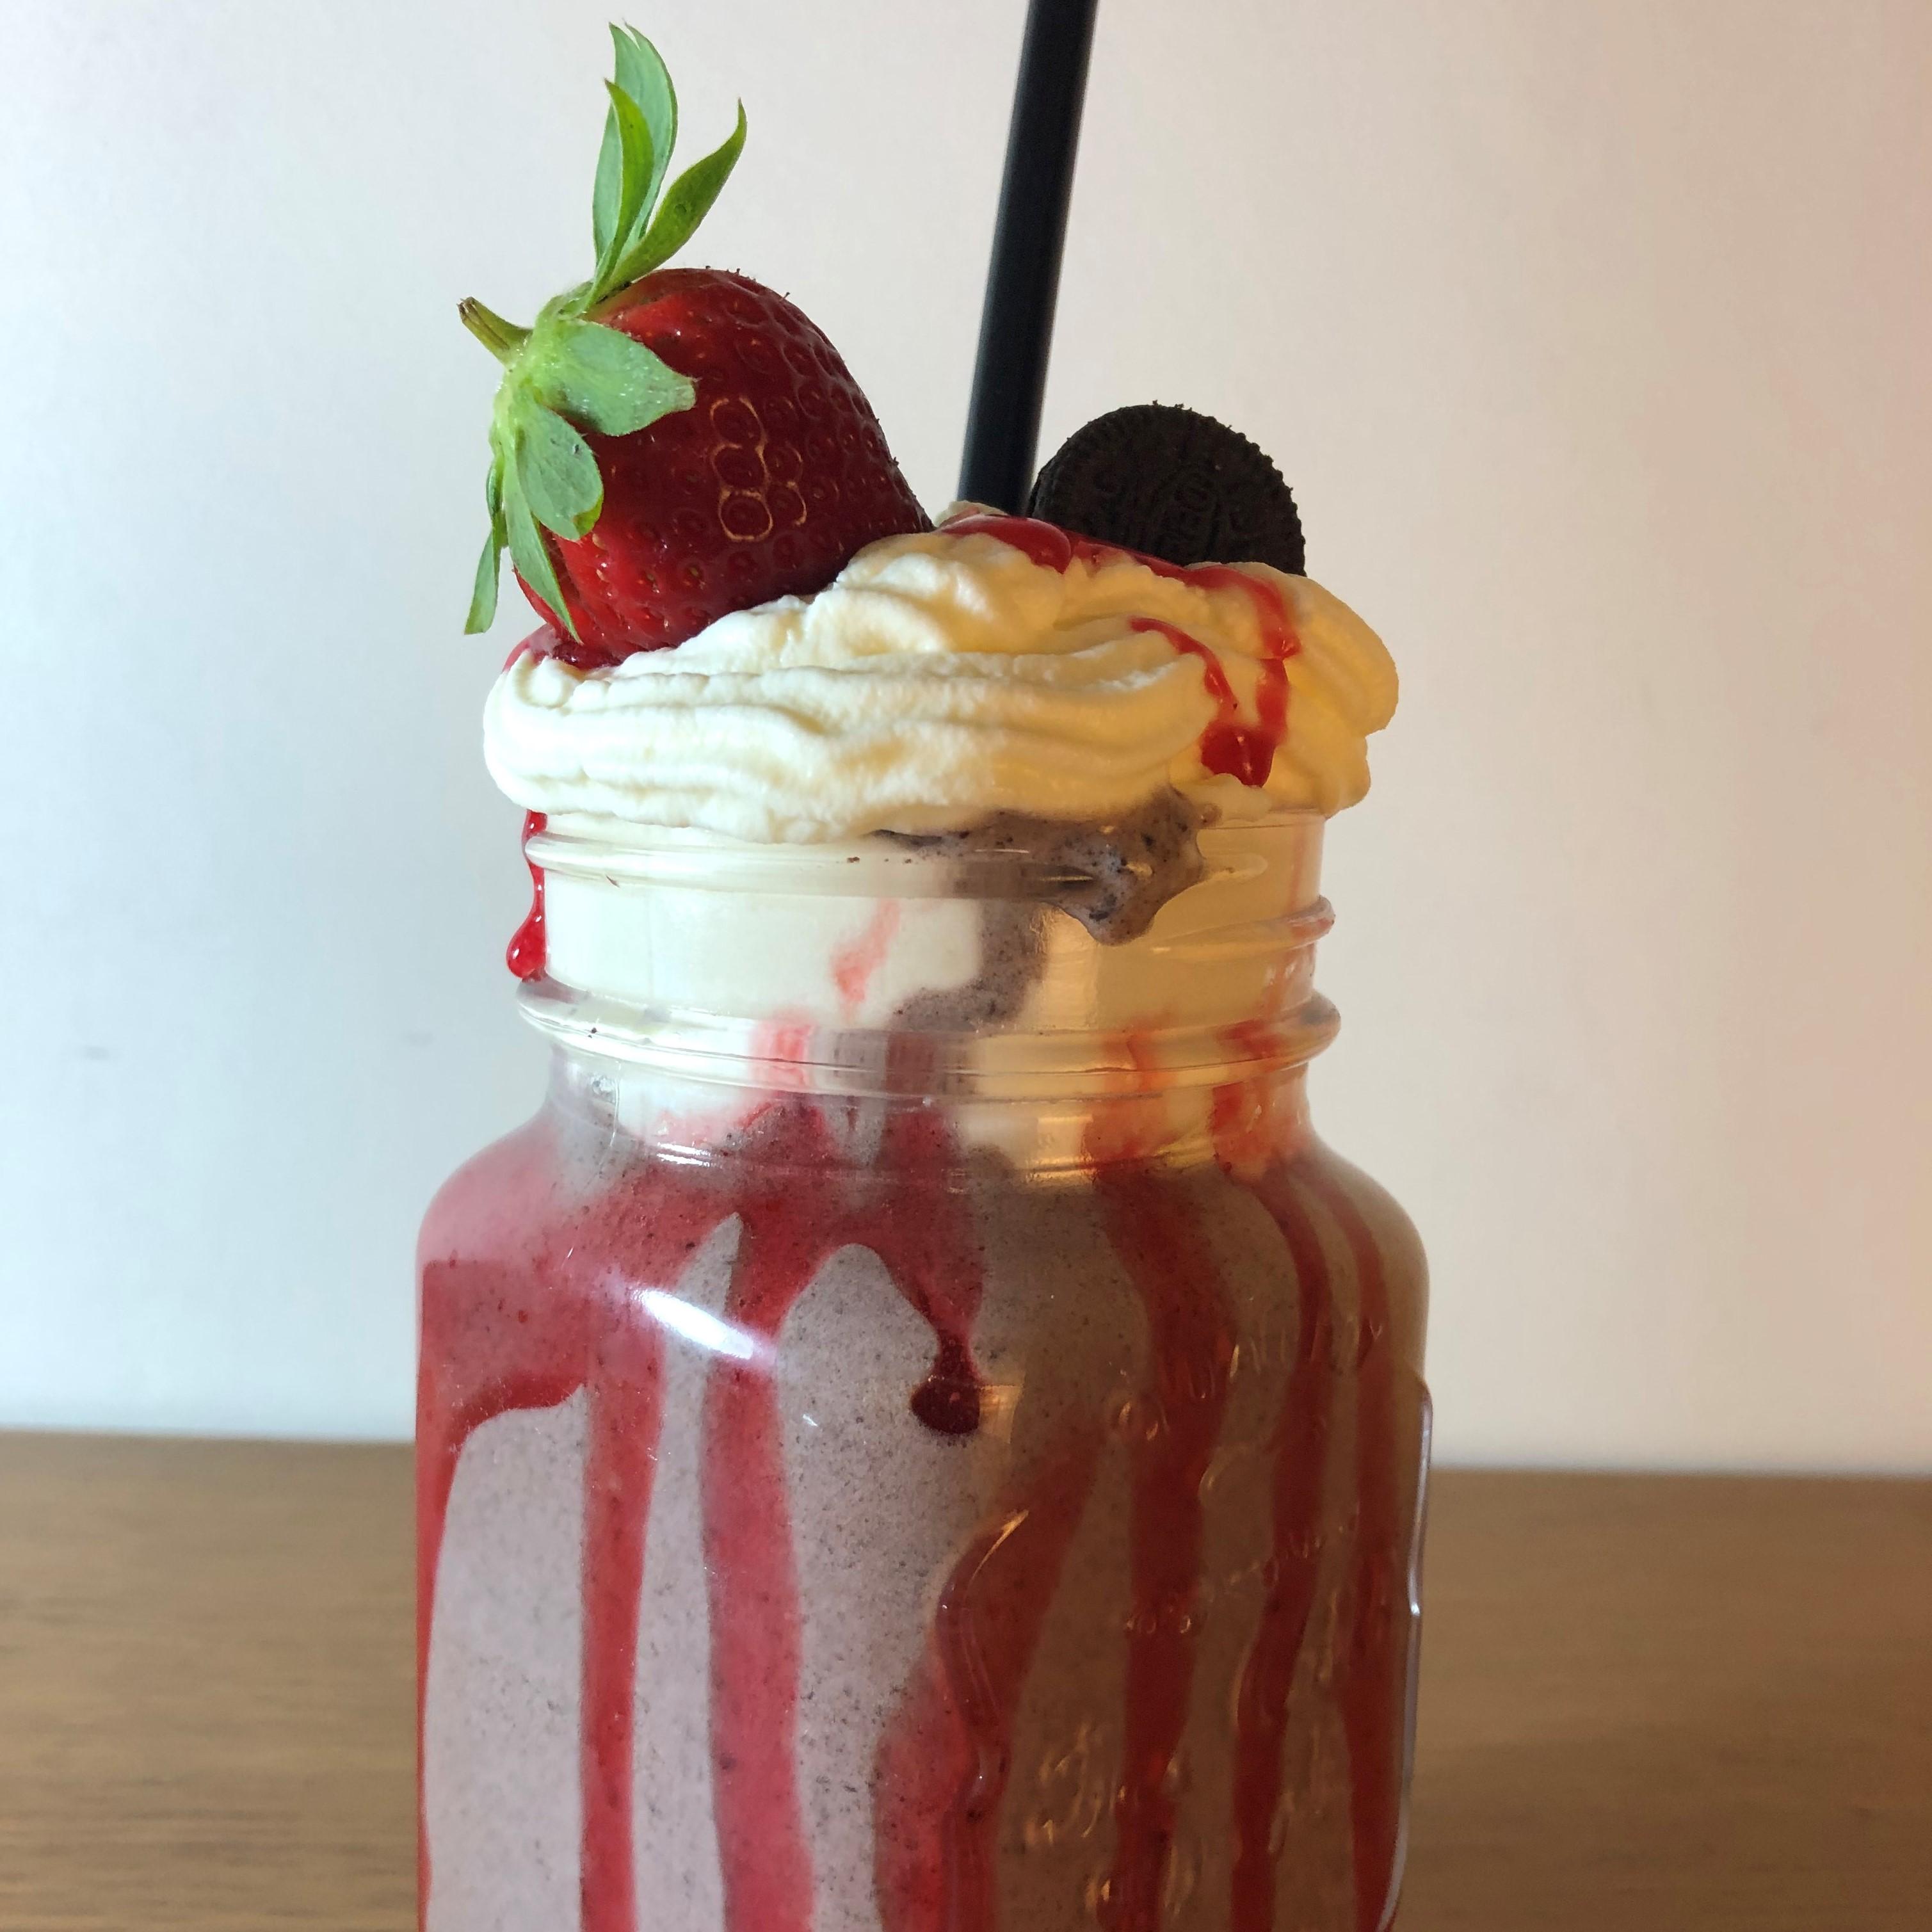 Milkshake de fresa con oreo y nueces de macadamia